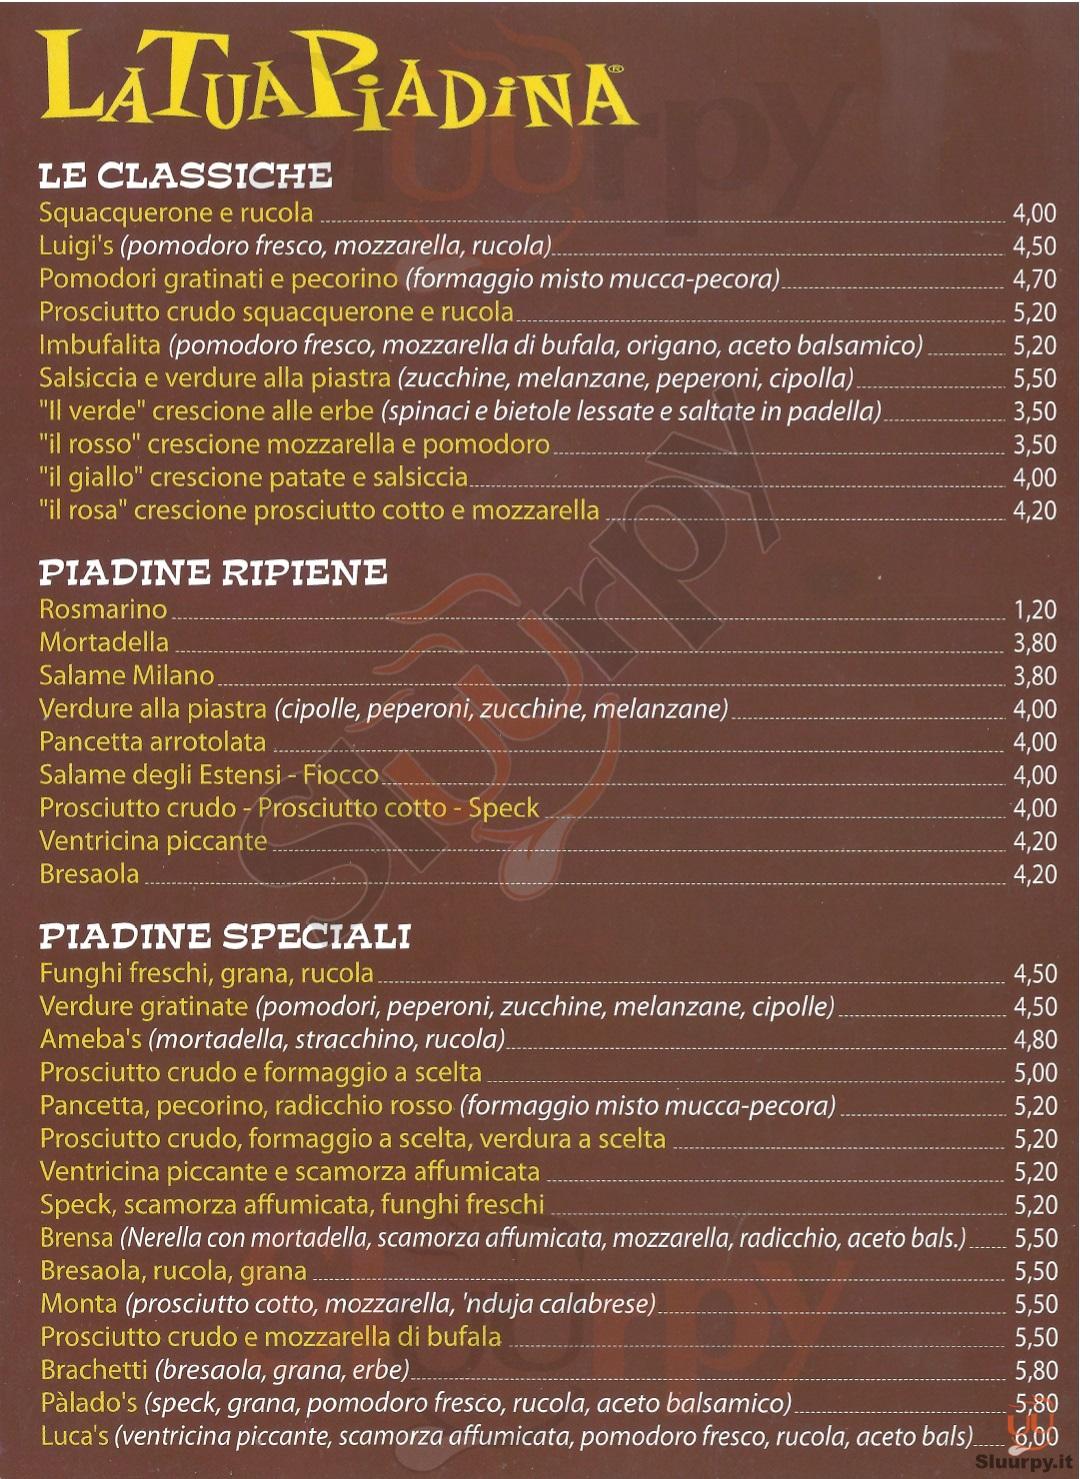 Piadinerie a bologna sfoglia il men for Il rosso bologna menu